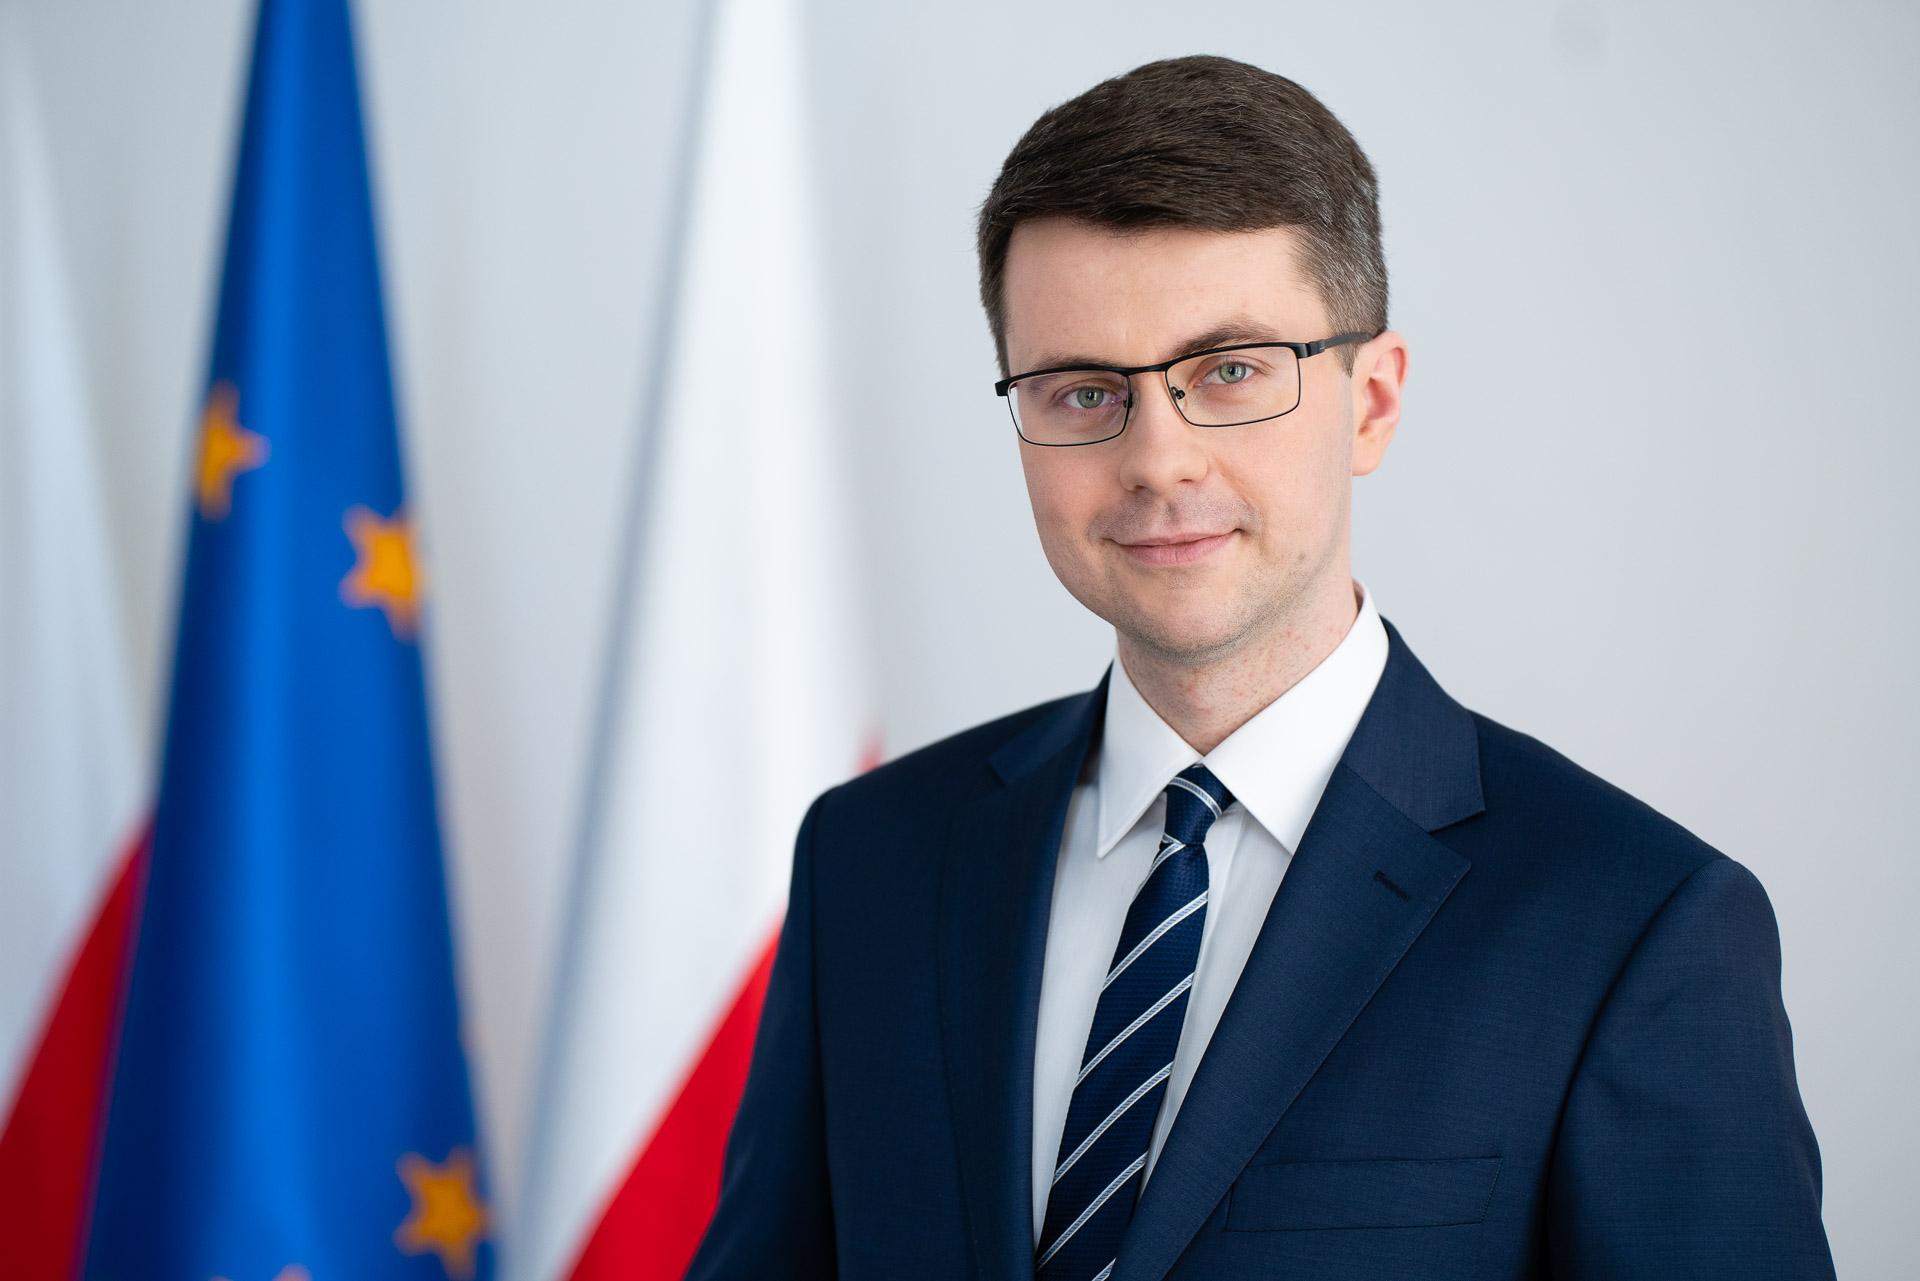 Rozmowa Posła Piotra Müllera z Agencją Informacyjną Polska Press